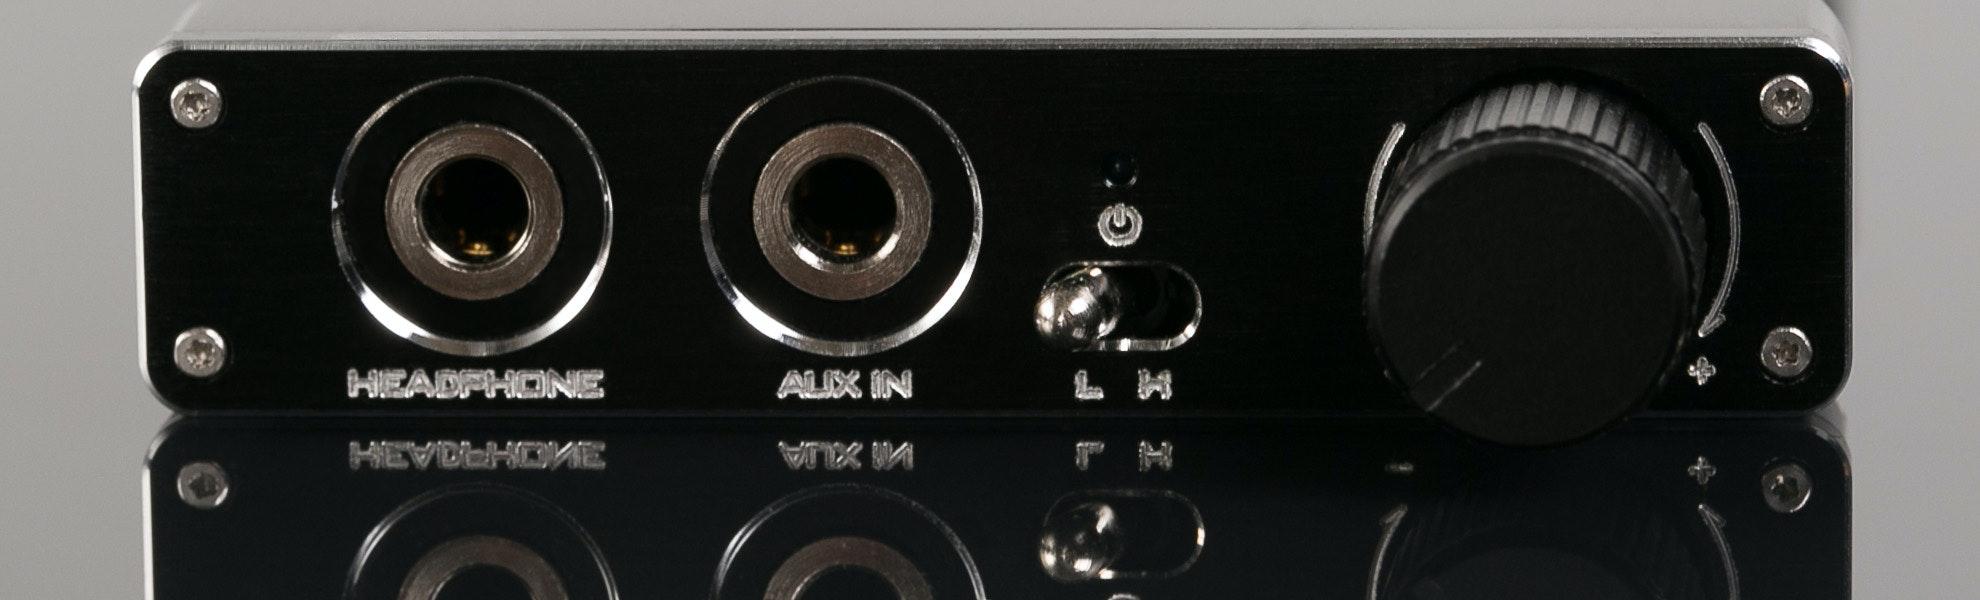 Shozy PX-M1 Portable Headphone Amplifier